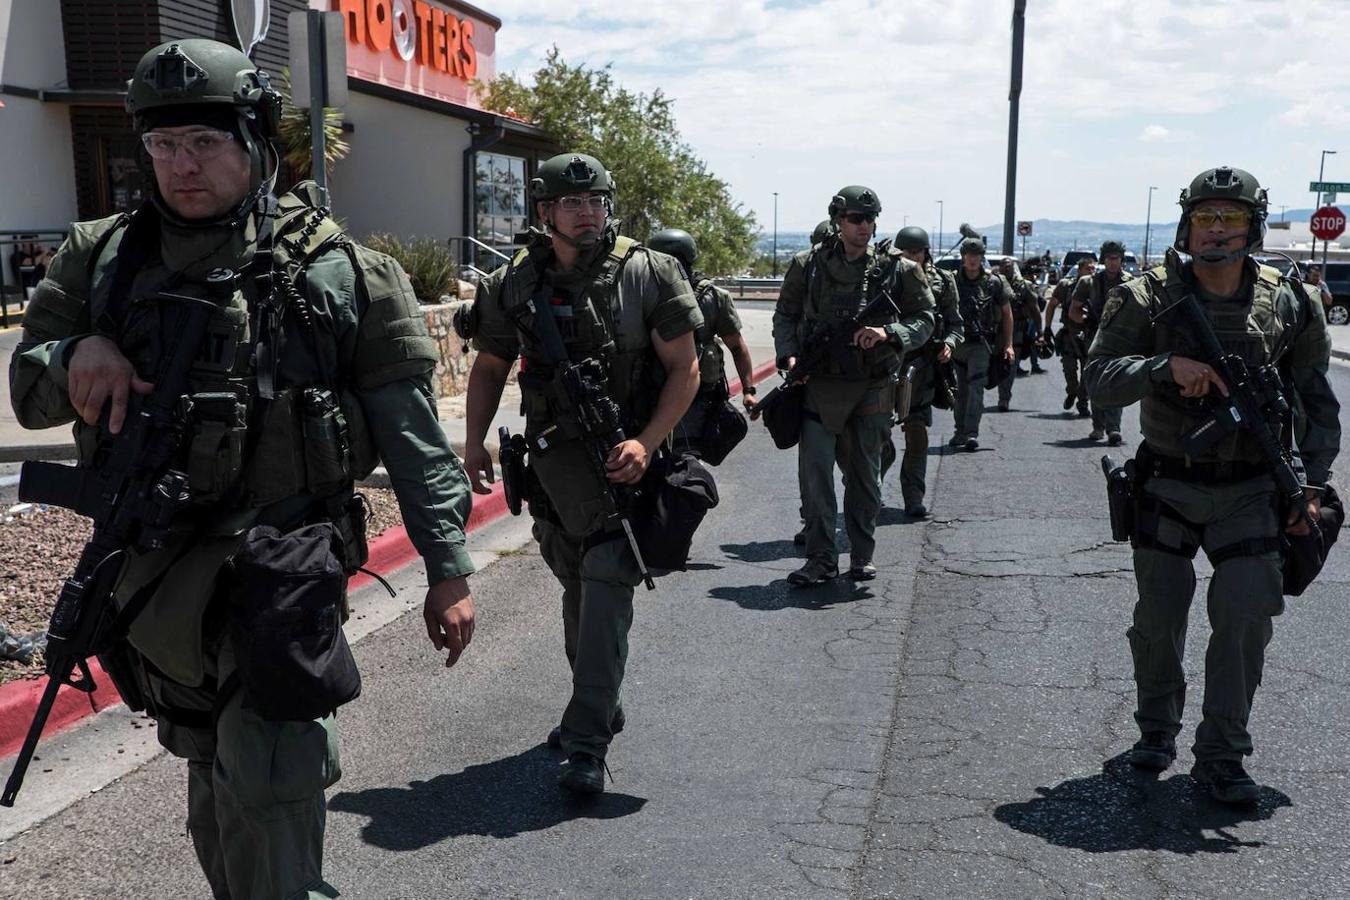 Un gran número de efectivos se desplazaron a la zona para controlar la situación